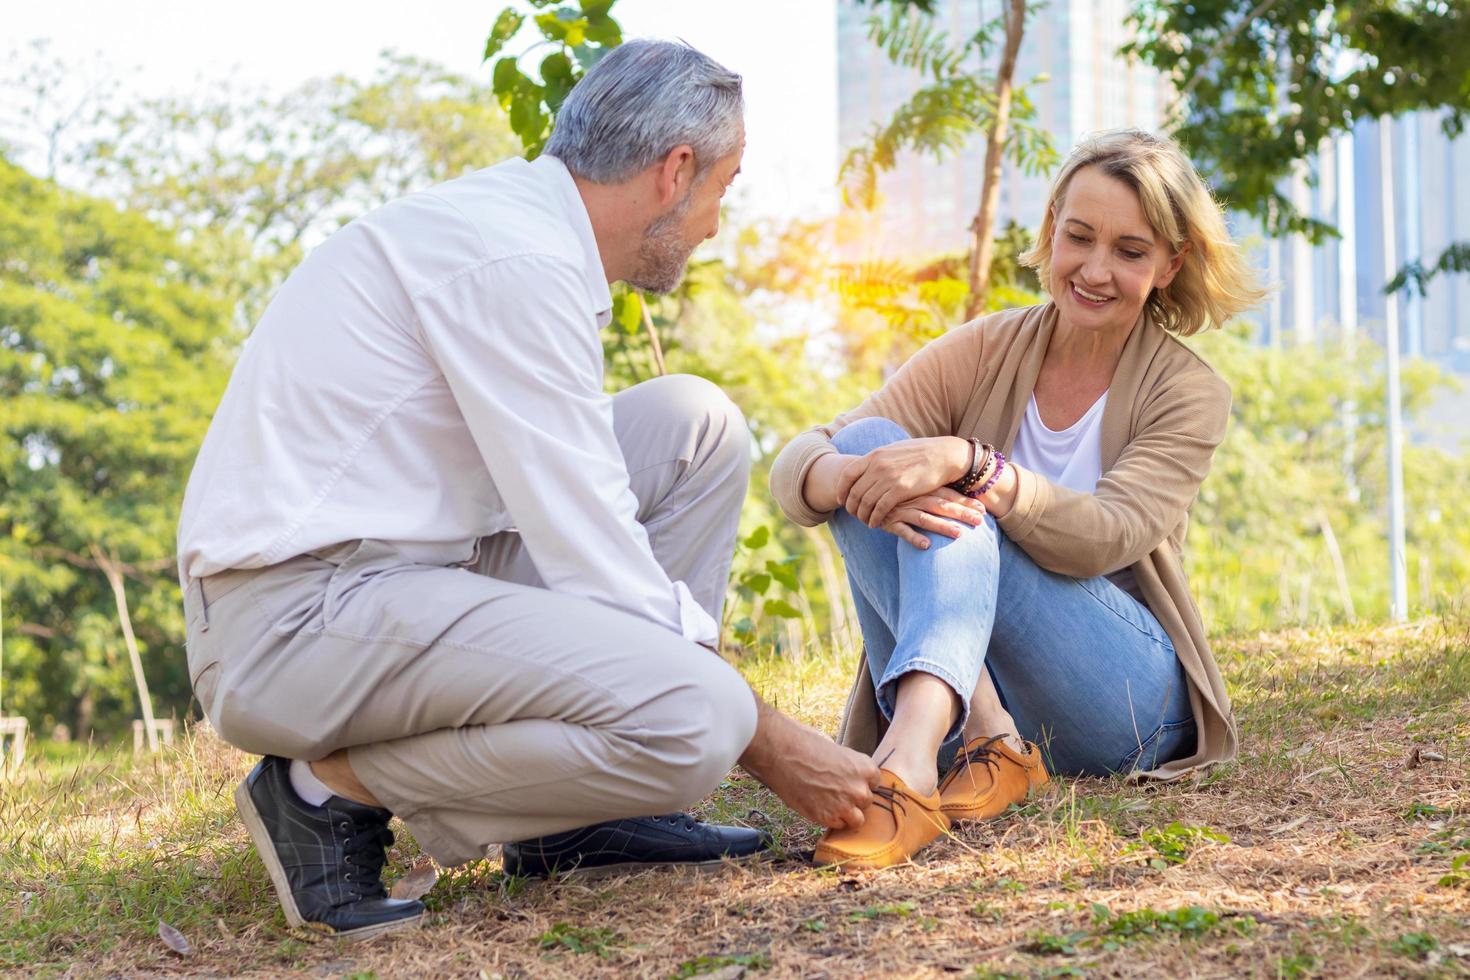 homem amarrar sapatos para mulher. idosos passam as férias no parque felizes na aposentadoria. foto